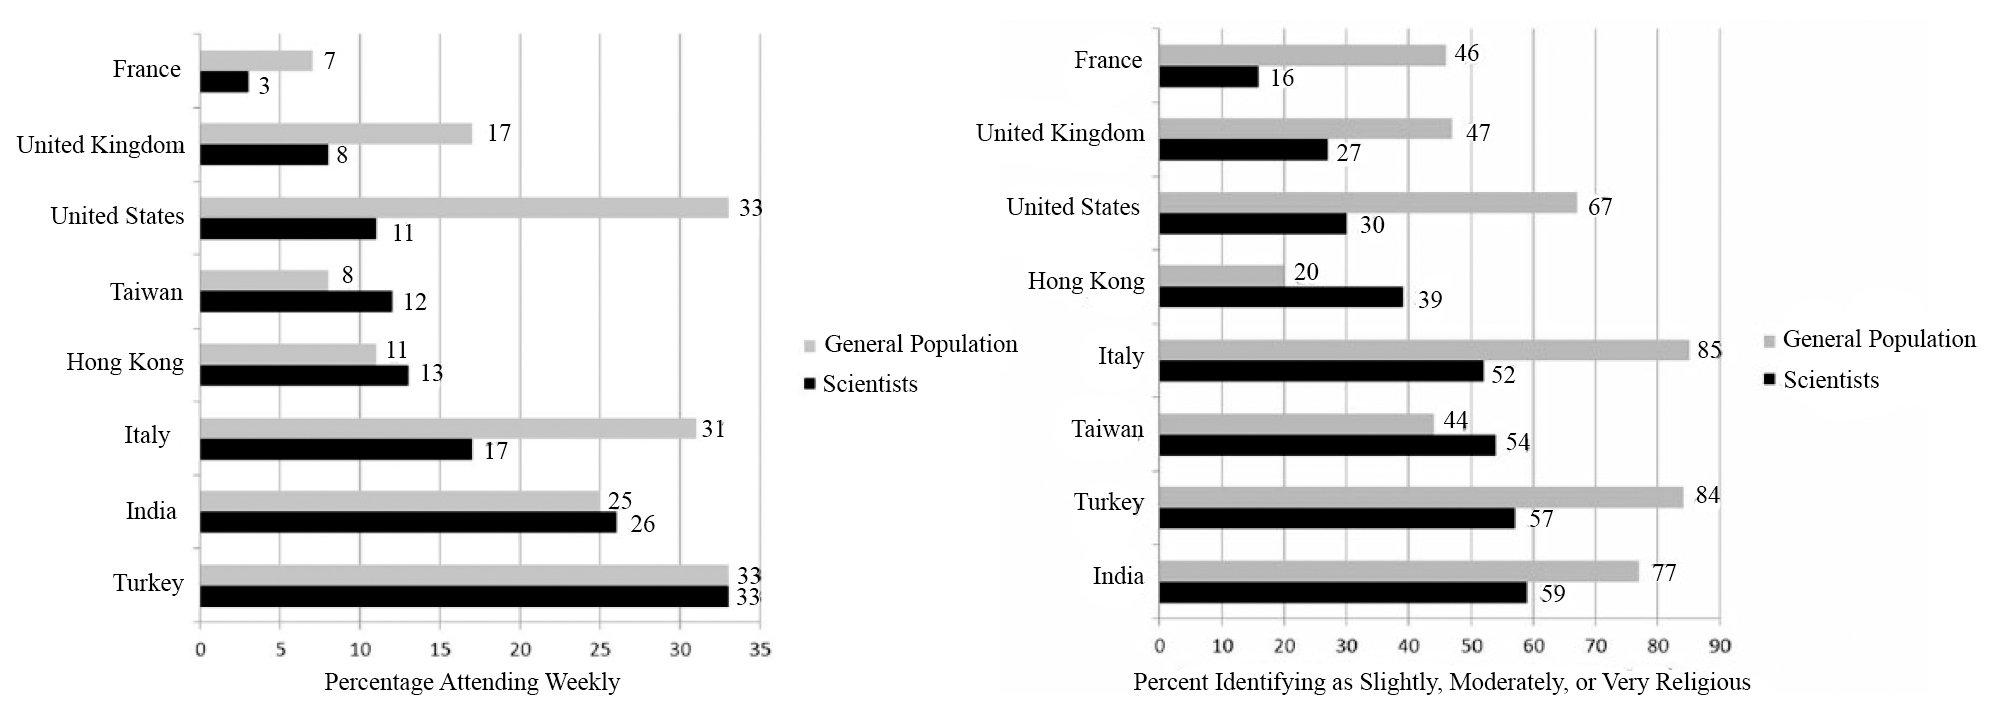 Рис. 1. Доля ученых, посещающих религиозные службы хотя бы раз в неделю (слева) и считающих себя в той или иной степени религиозными (справа), по сравнению с остальным населением [2]